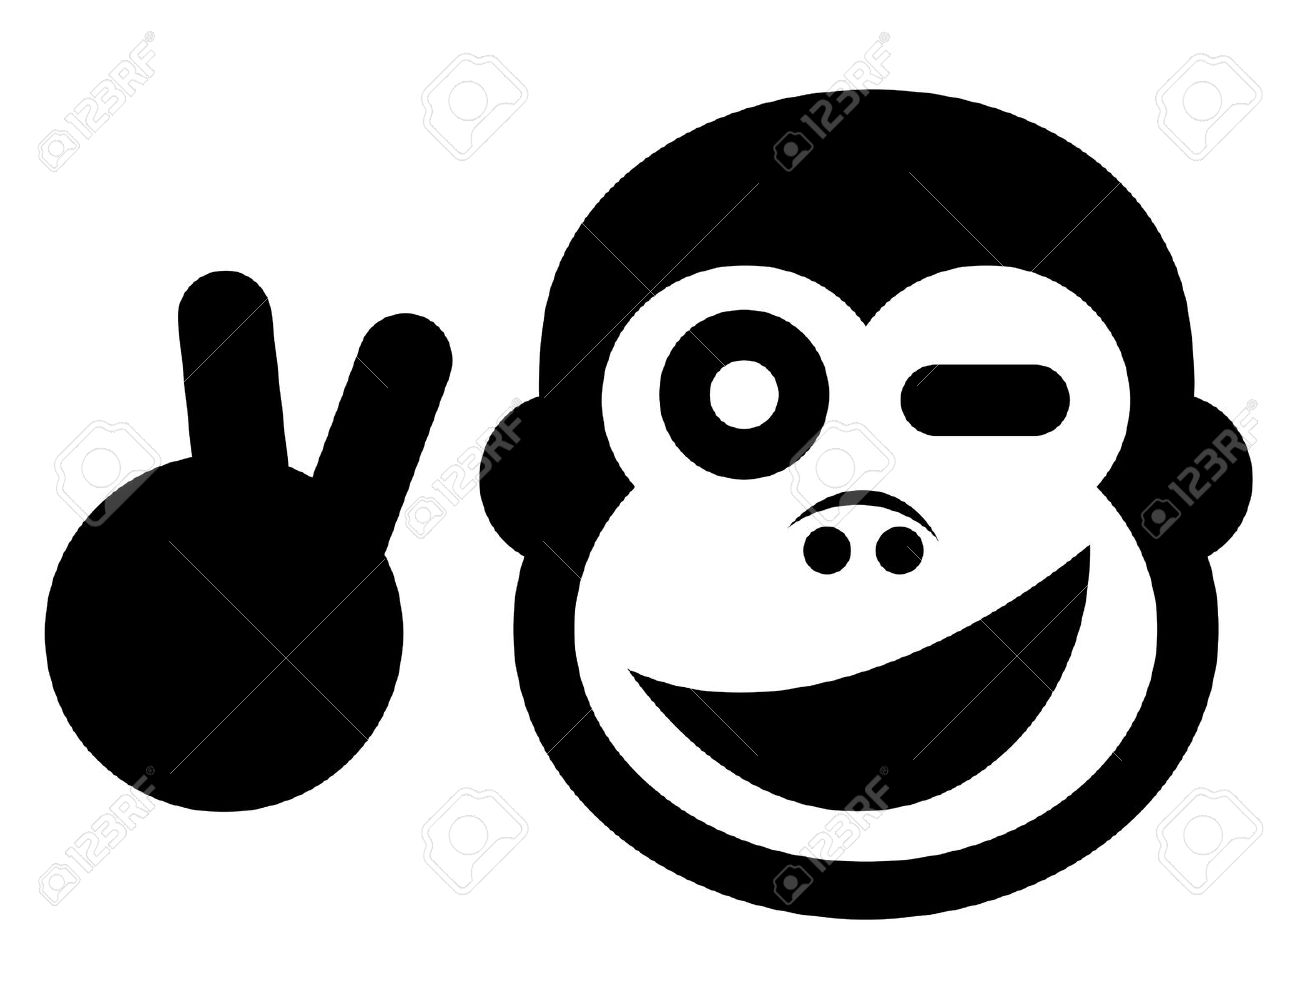 Chimpanzee clipart moneky Faces images Smiling Monkey Pinterest